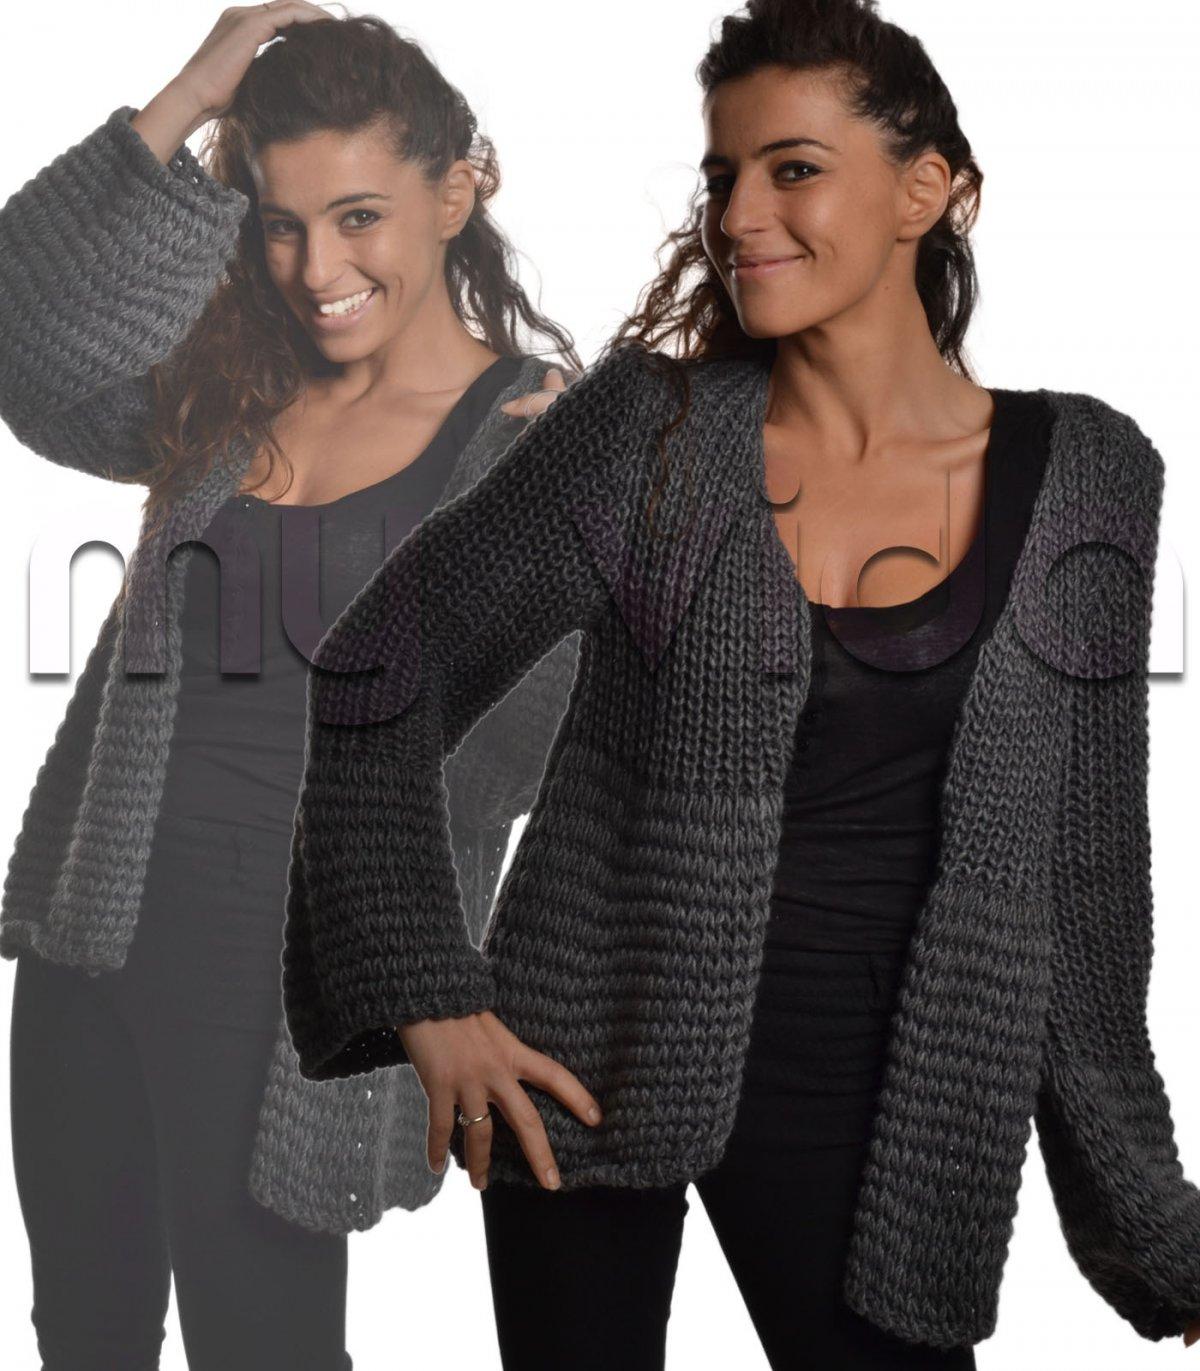 Giacca My Vida invernale pullover lana wnrxYPrq